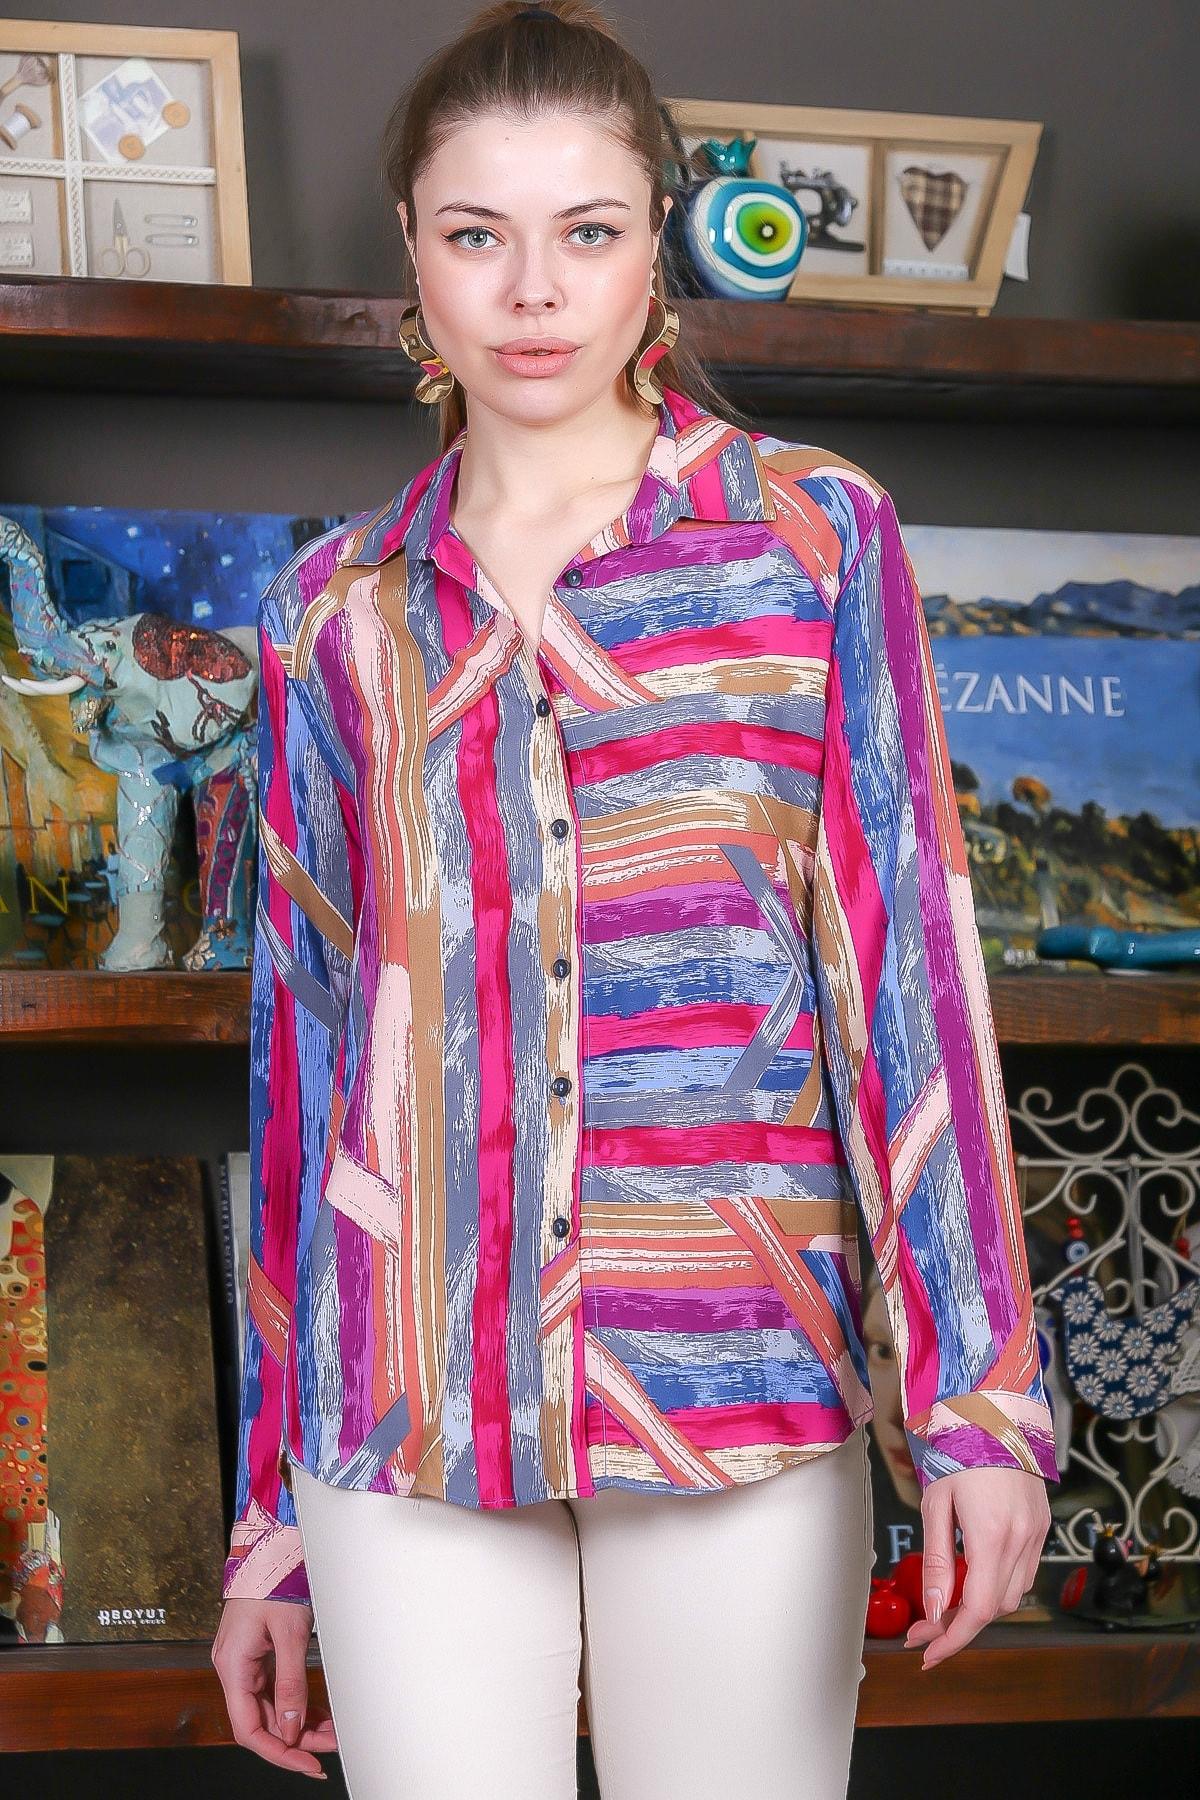 Chiccy Kadın Pembe-Mavi Renkli Çizgi Desenli Kolları Ayar Düğmeli Dokuma Gömlek M10010400GM99441 3